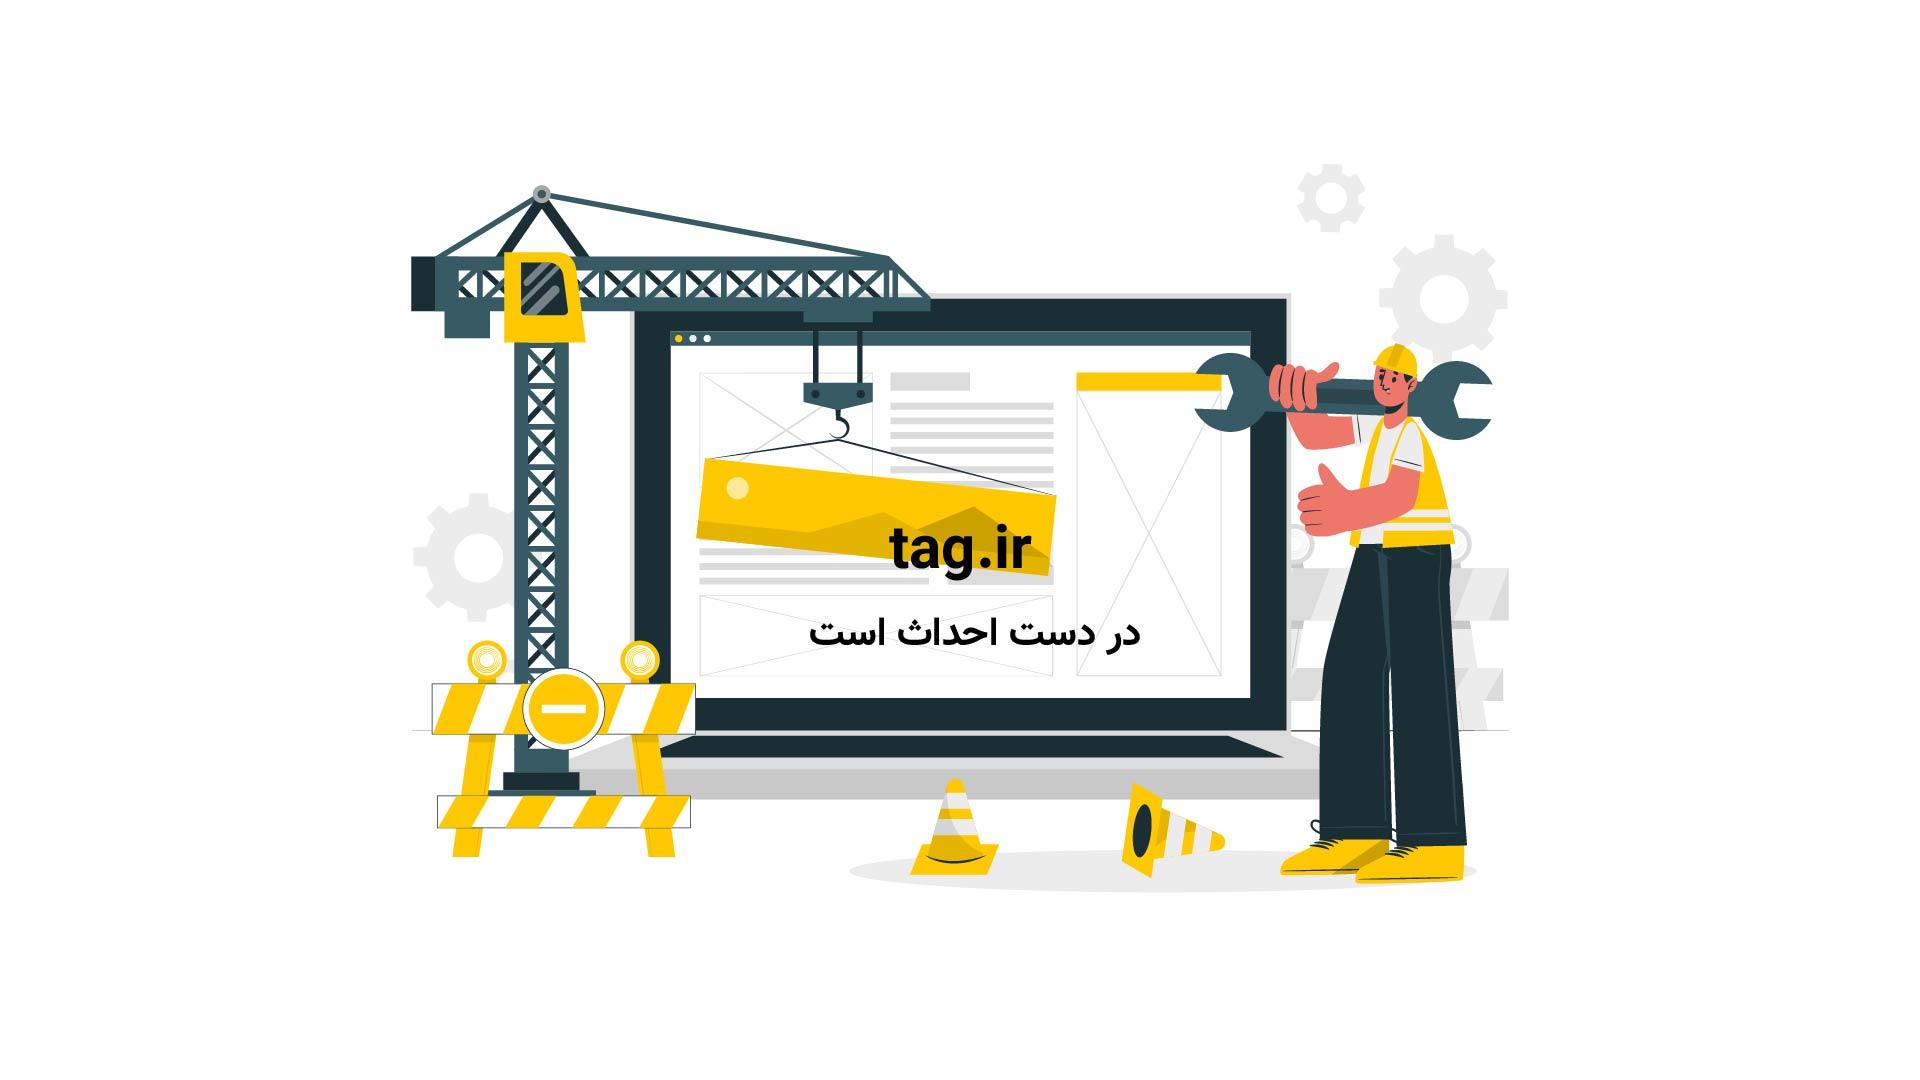 عاقبت تلخ عروس و دامادی که از سقف وارد عروسی شدند | فیلم